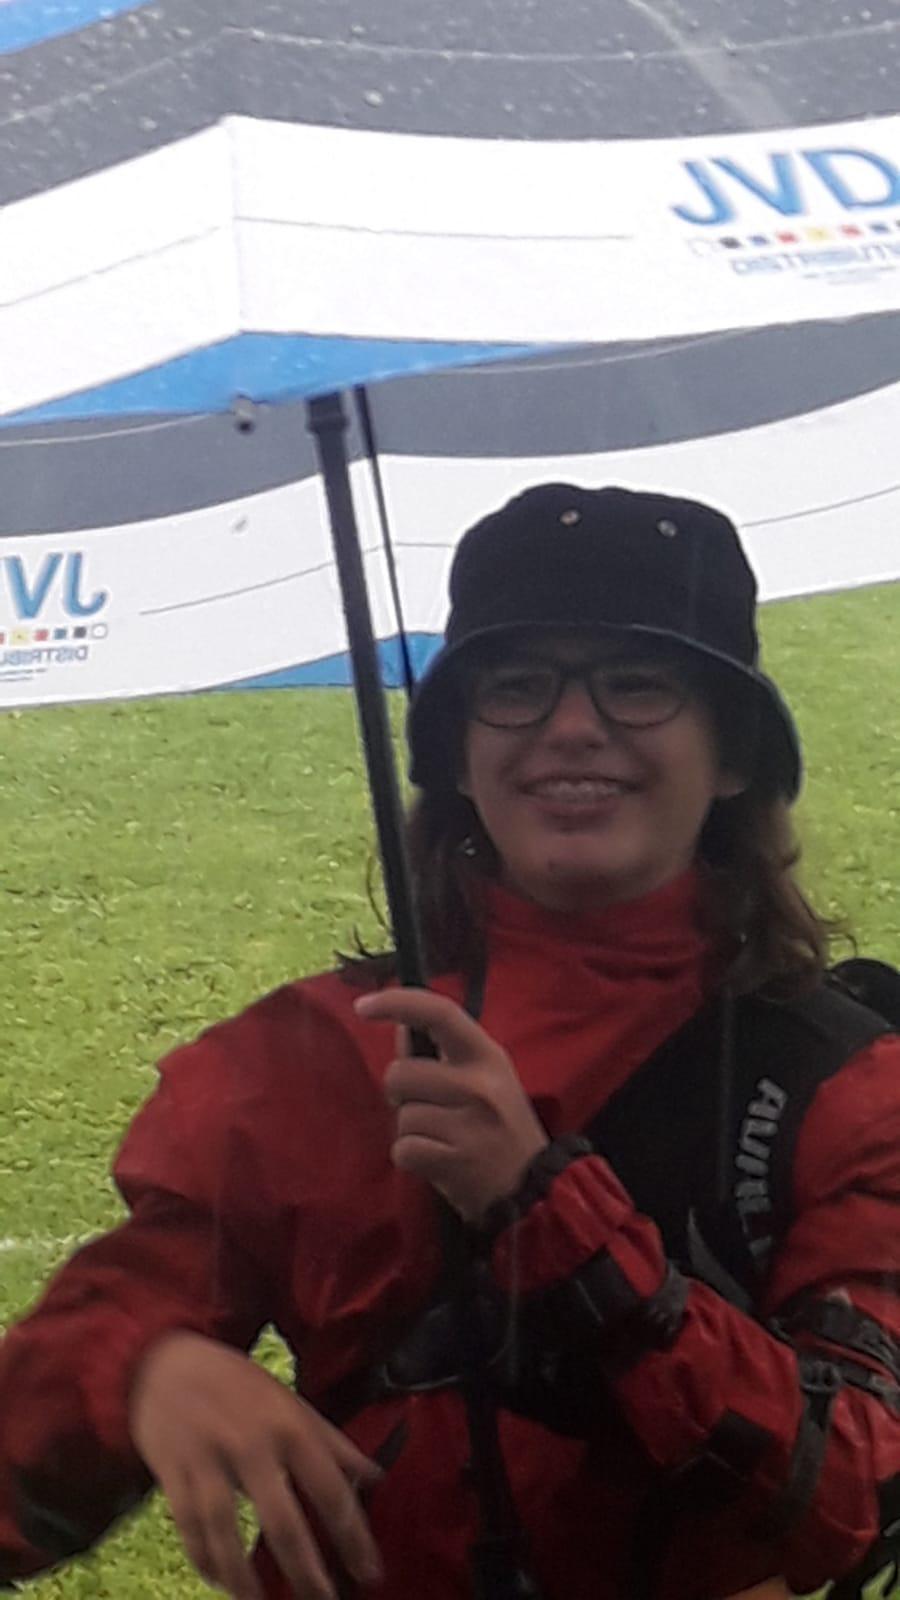 Lächeln Bitte! Bogenschützin Milena Krause vom SV- Ilmmünster im Regen auf Wettkampf